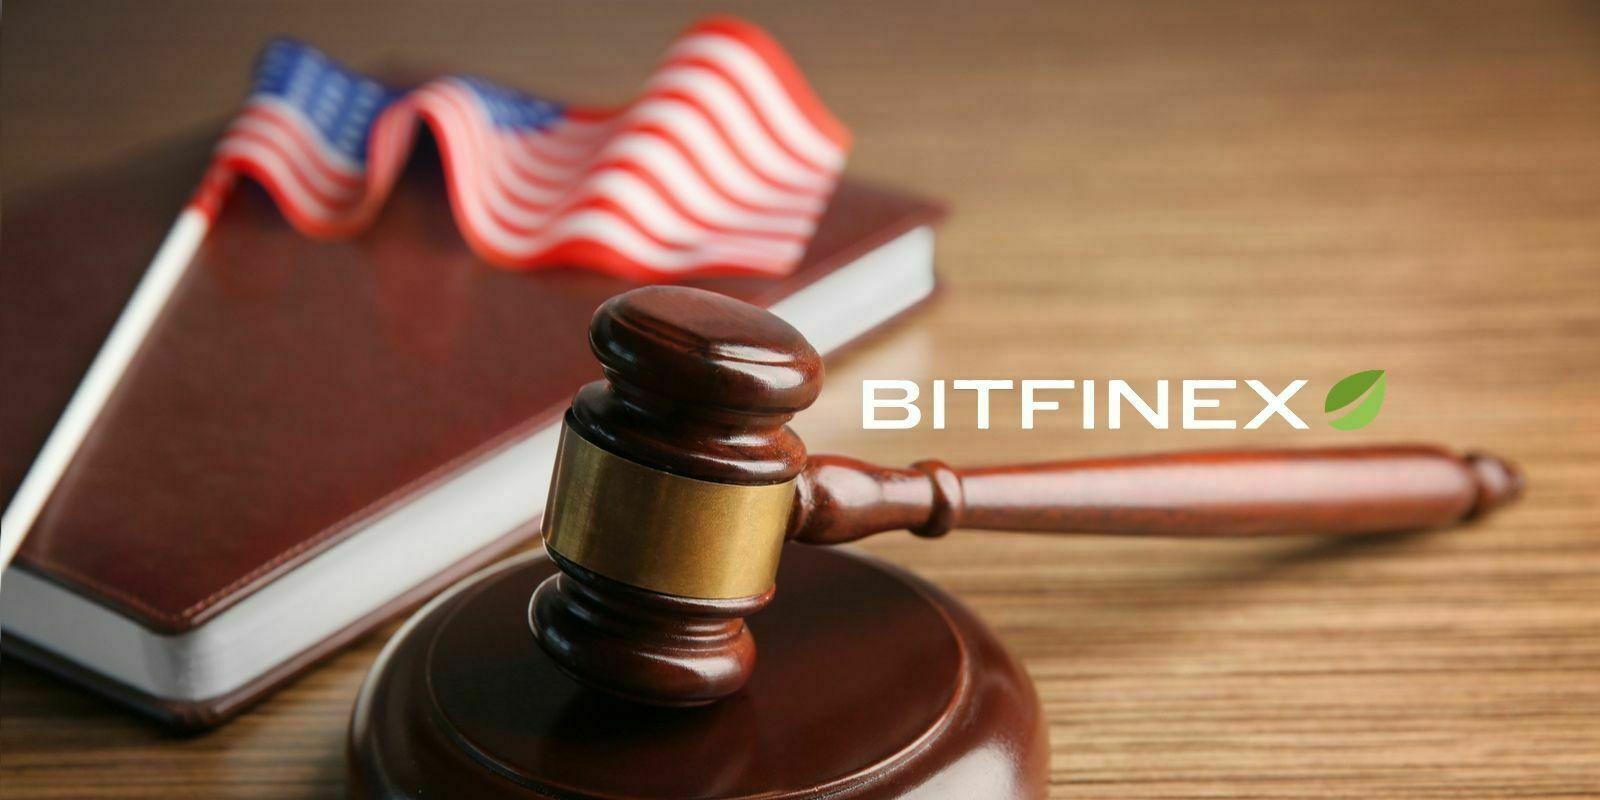 La Cour suprême de New York rejette l'appel de Bitfinex relatif à la compétence du NYAG